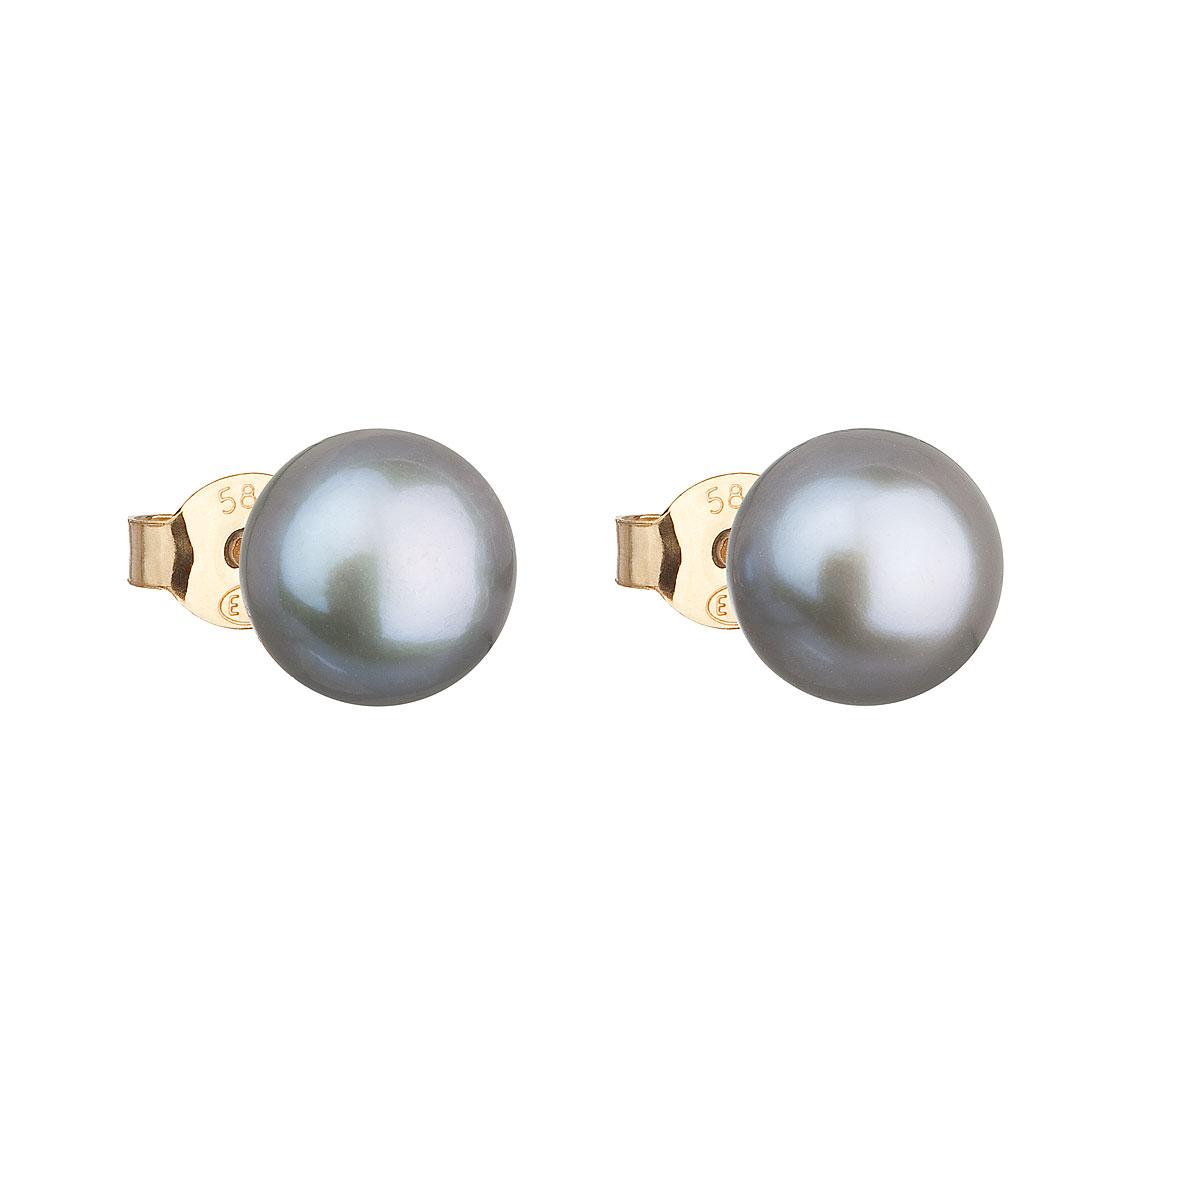 Evolution Group Zlaté 14 karátové náušnice pecky s šedou říční perlou 921042.3